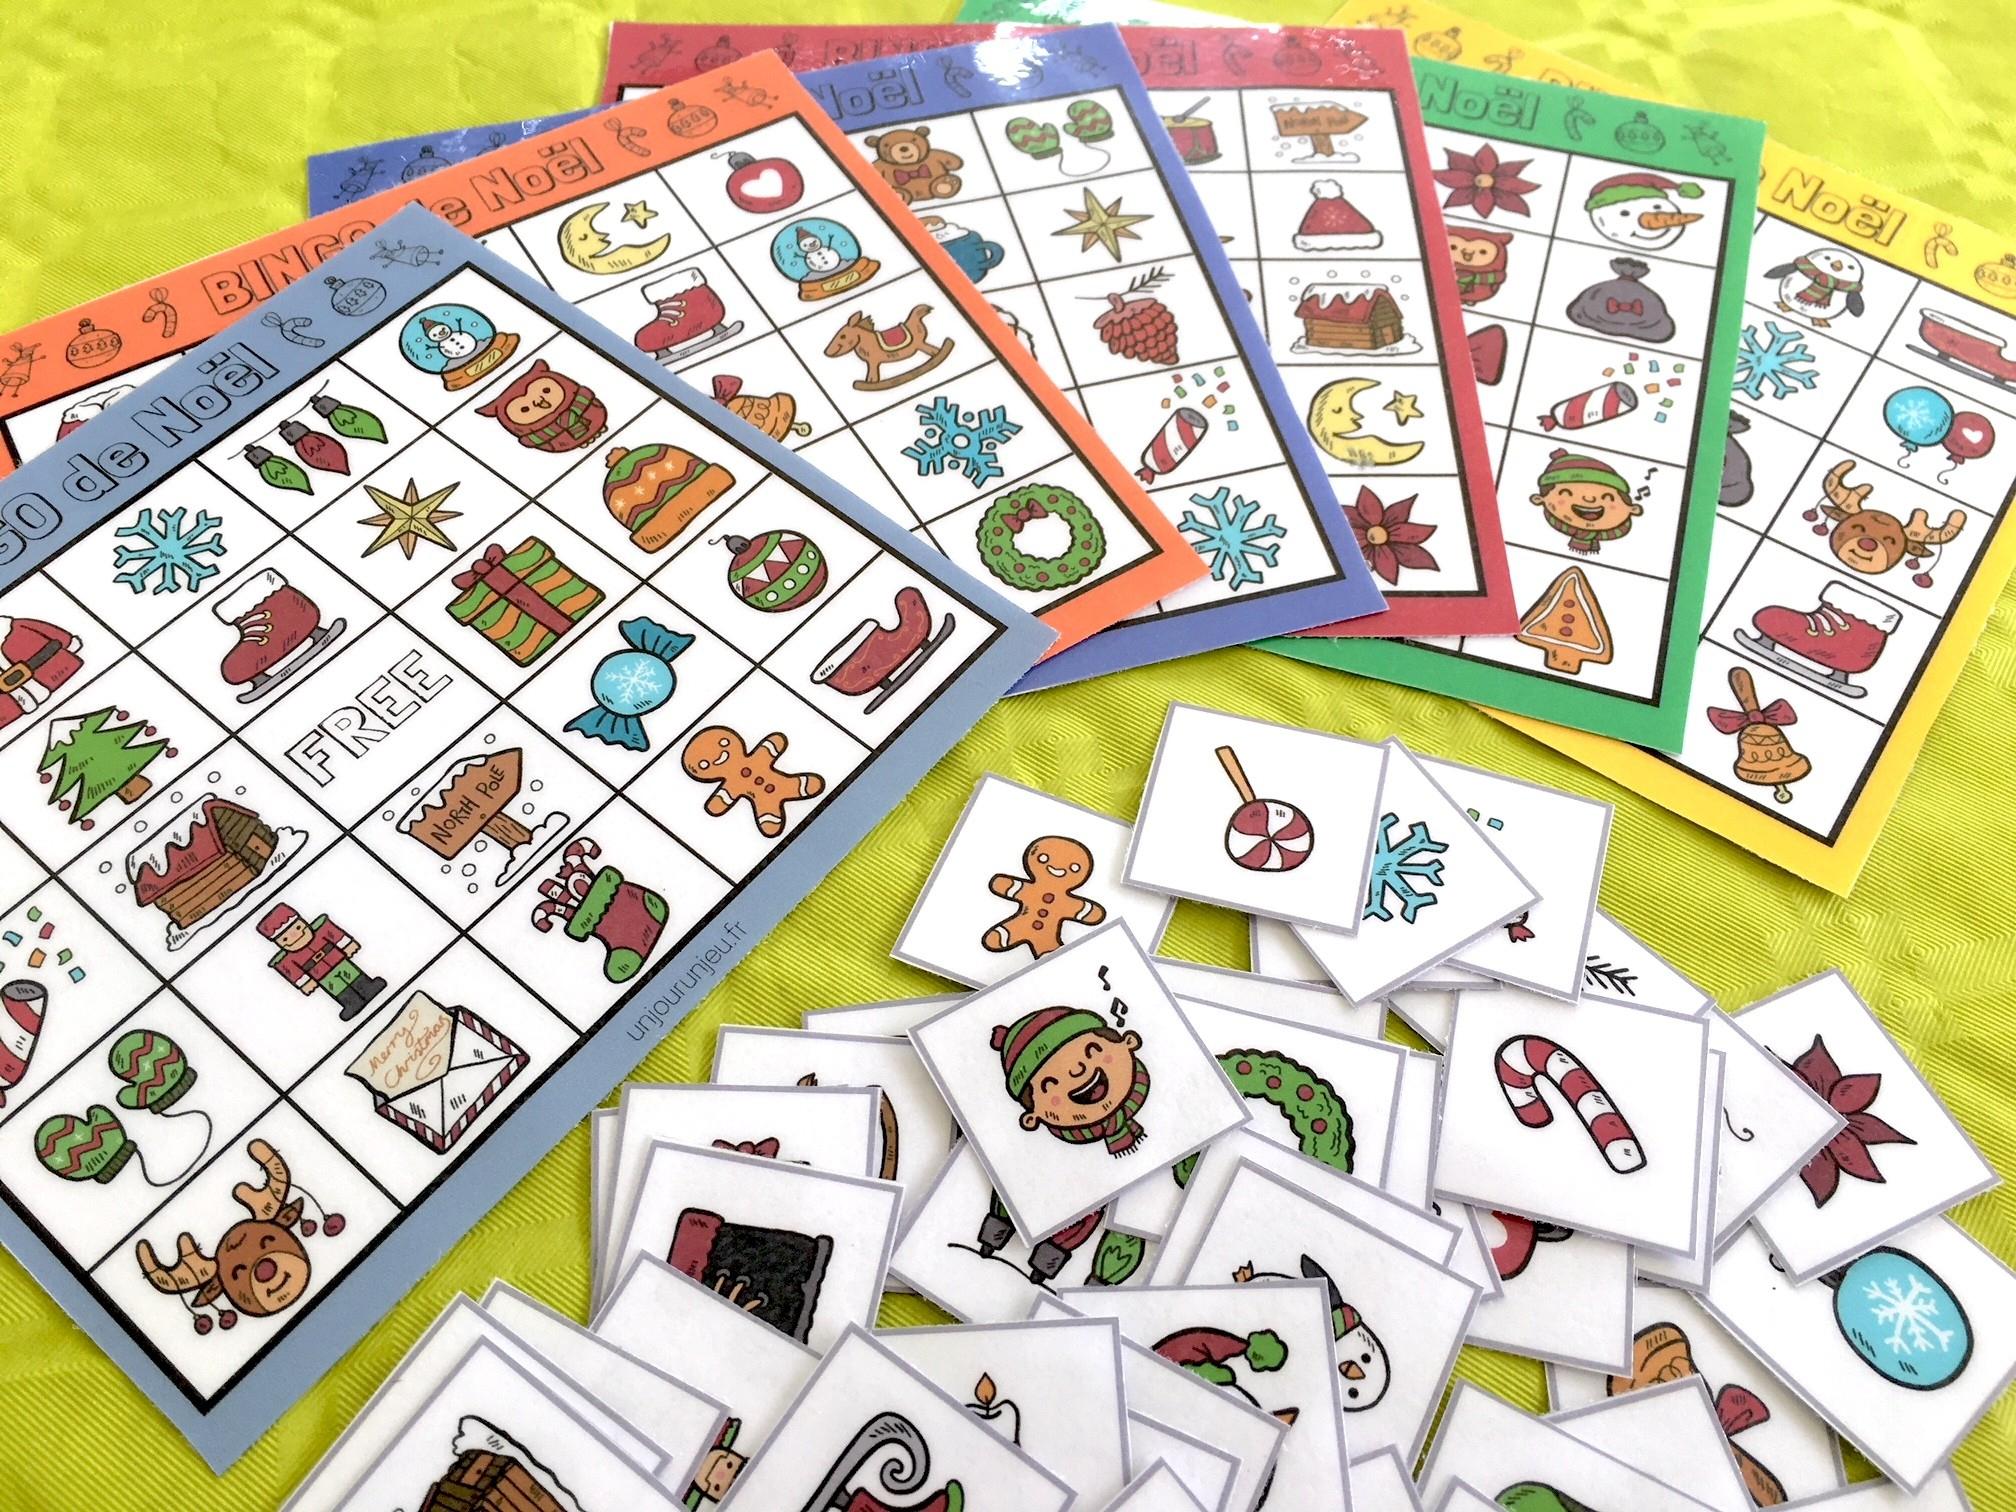 Jeu De Noël : Bingo À Télécharger Gratuitement Pour Vos Enfants encequiconcerne Jeux Facile Pour Petit Gratuit